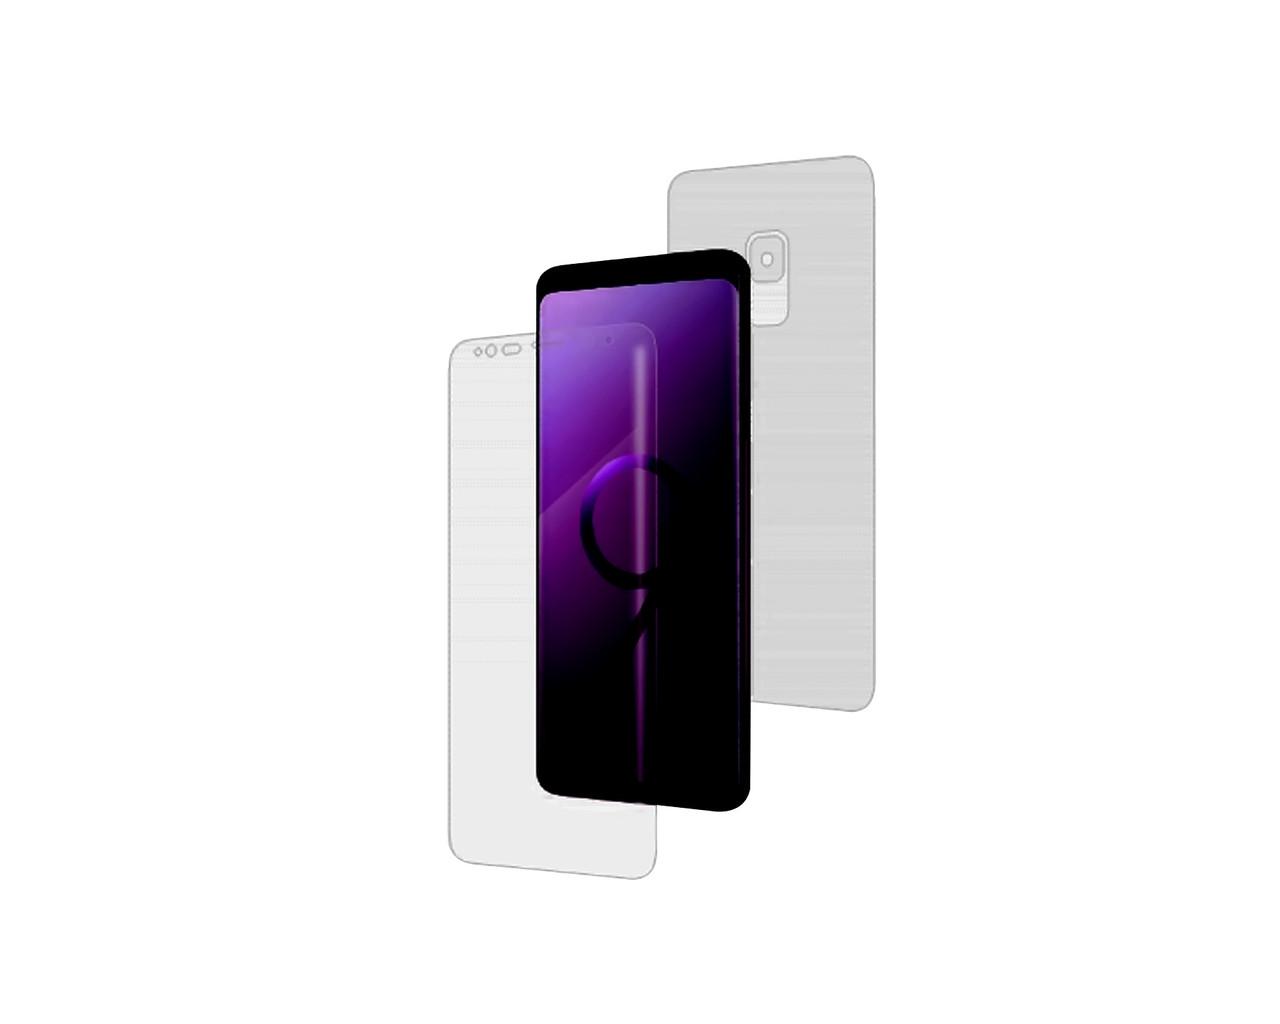 Защитная пленка 2 стороны - лицевая и обратная SO EASY ITOP 360 для Samsung Galaxy S9 Full Cover